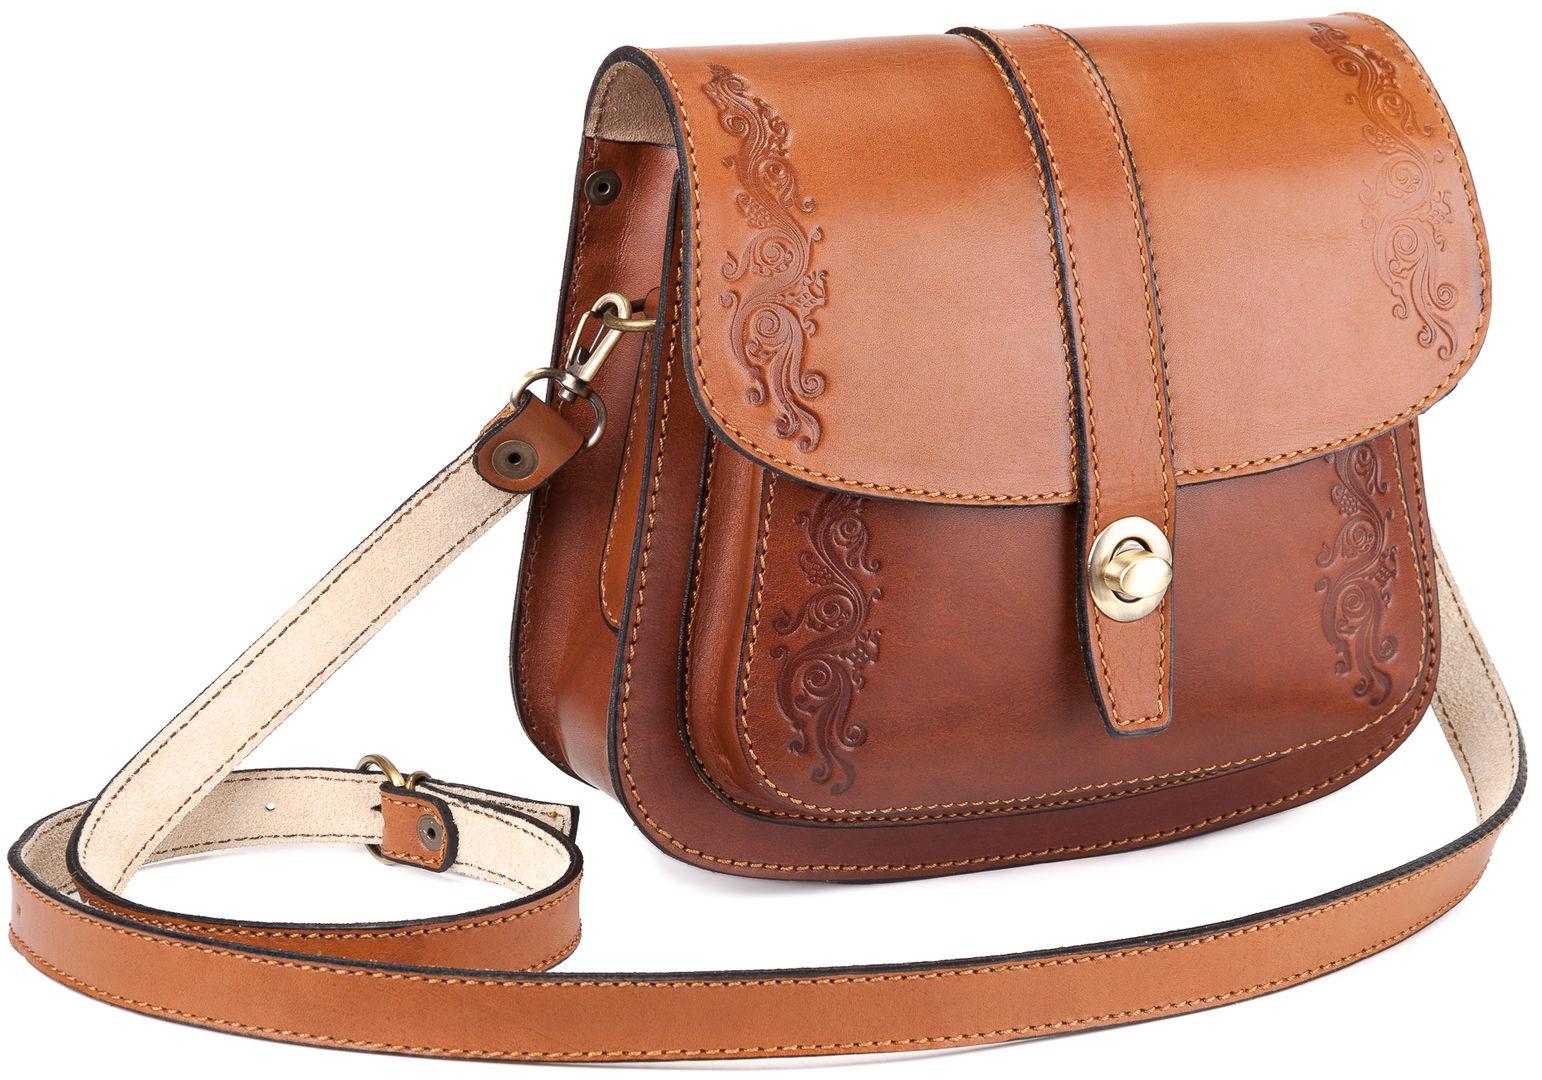 58370557b502 Купить Женская кожаная сумка ручной работы Париж, коричневая в  Санкт-Петербурге - Я Покупаю